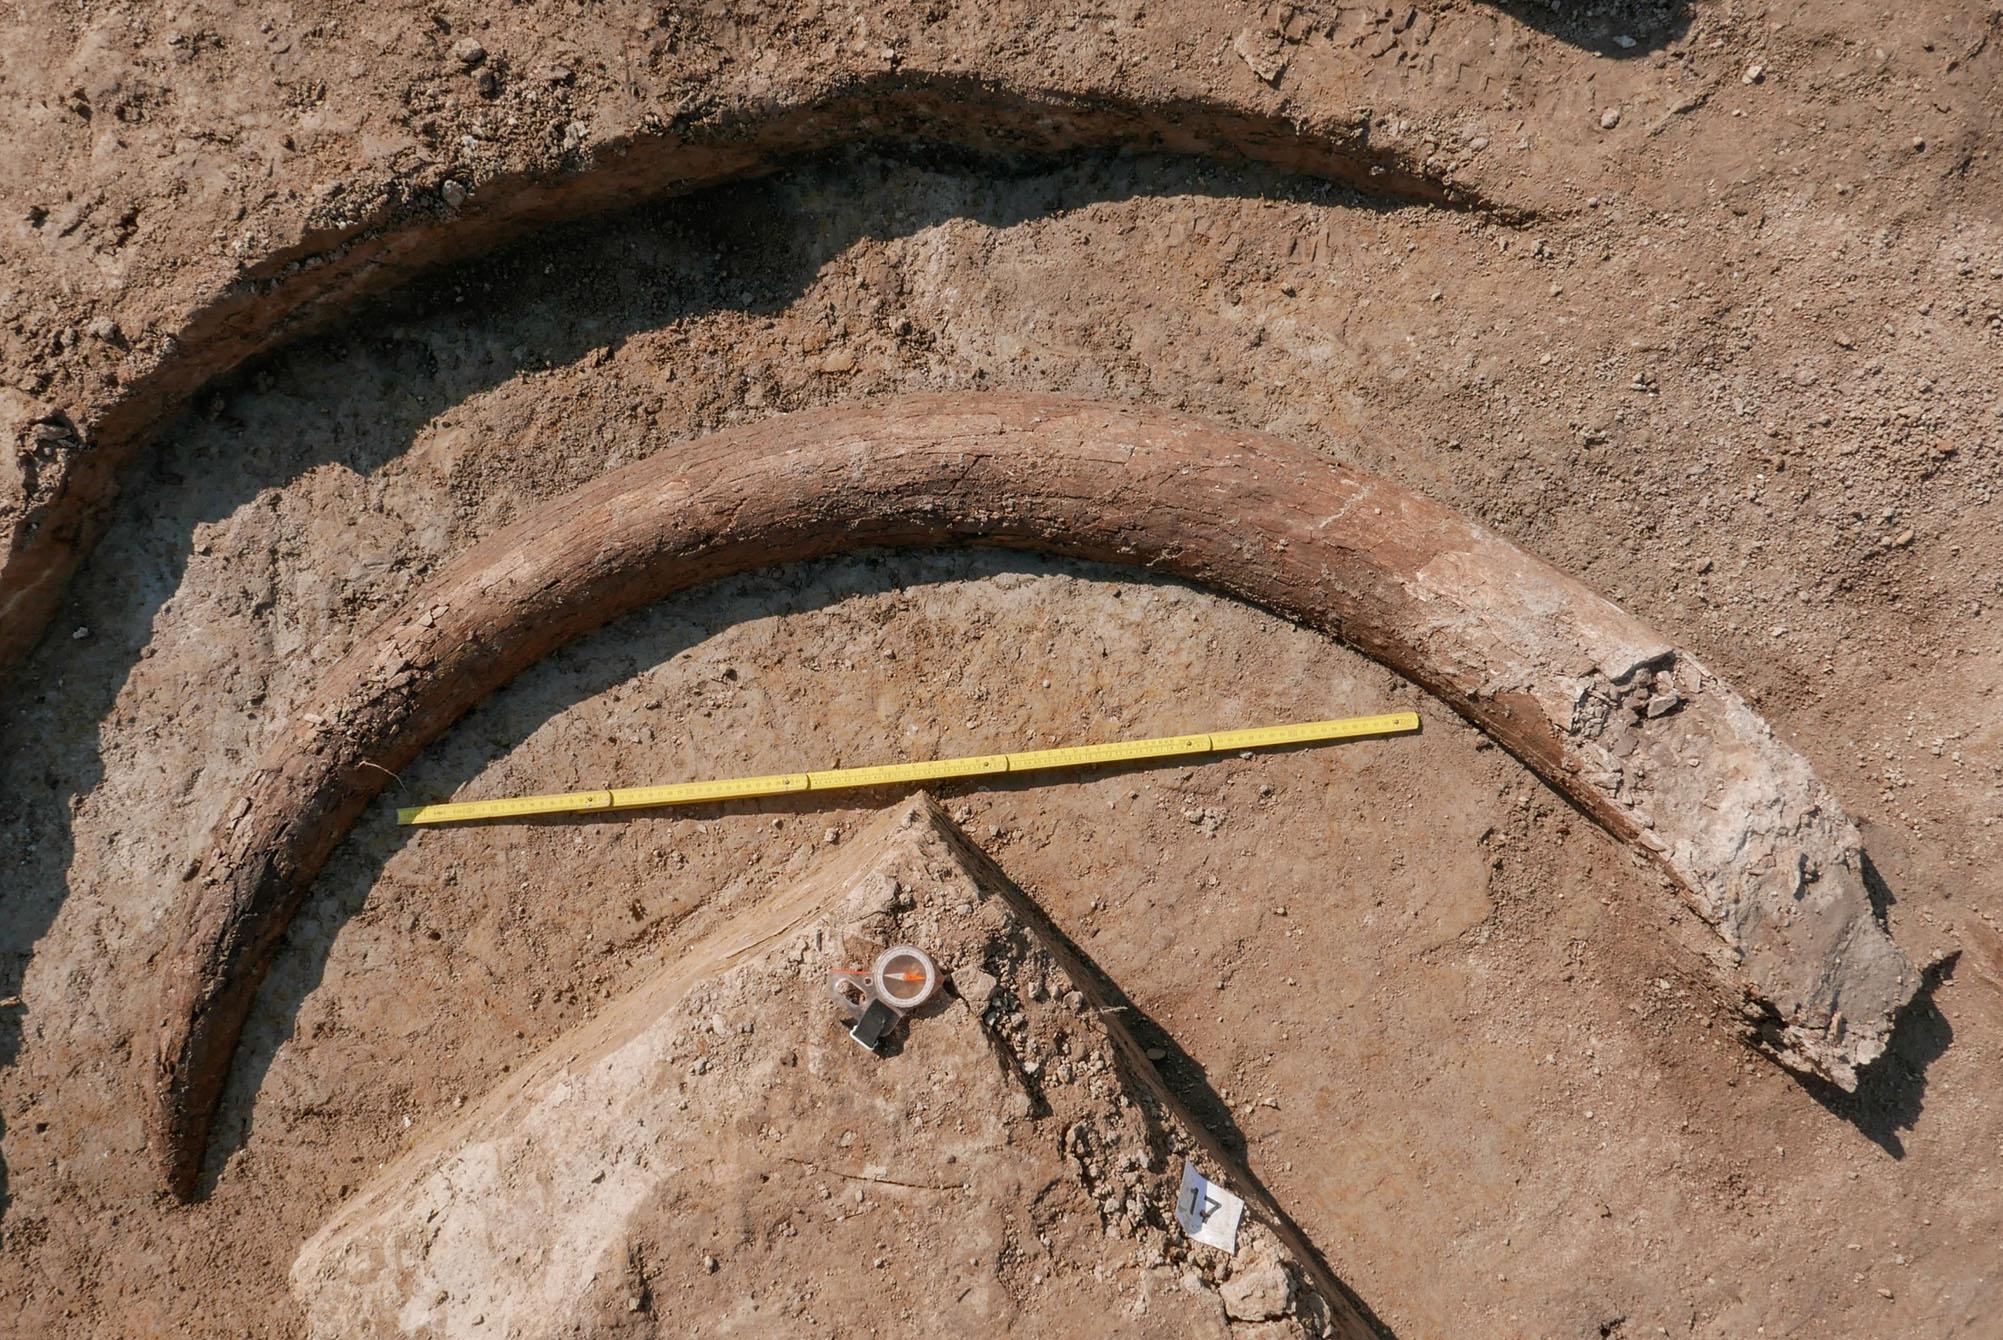 Ein Mammutstoßzahn in Situ mit einem Zollstock als Masseinheit. Der Mammutstoßzahn wurde in Riekhofen bei Regensburg entdeckt.